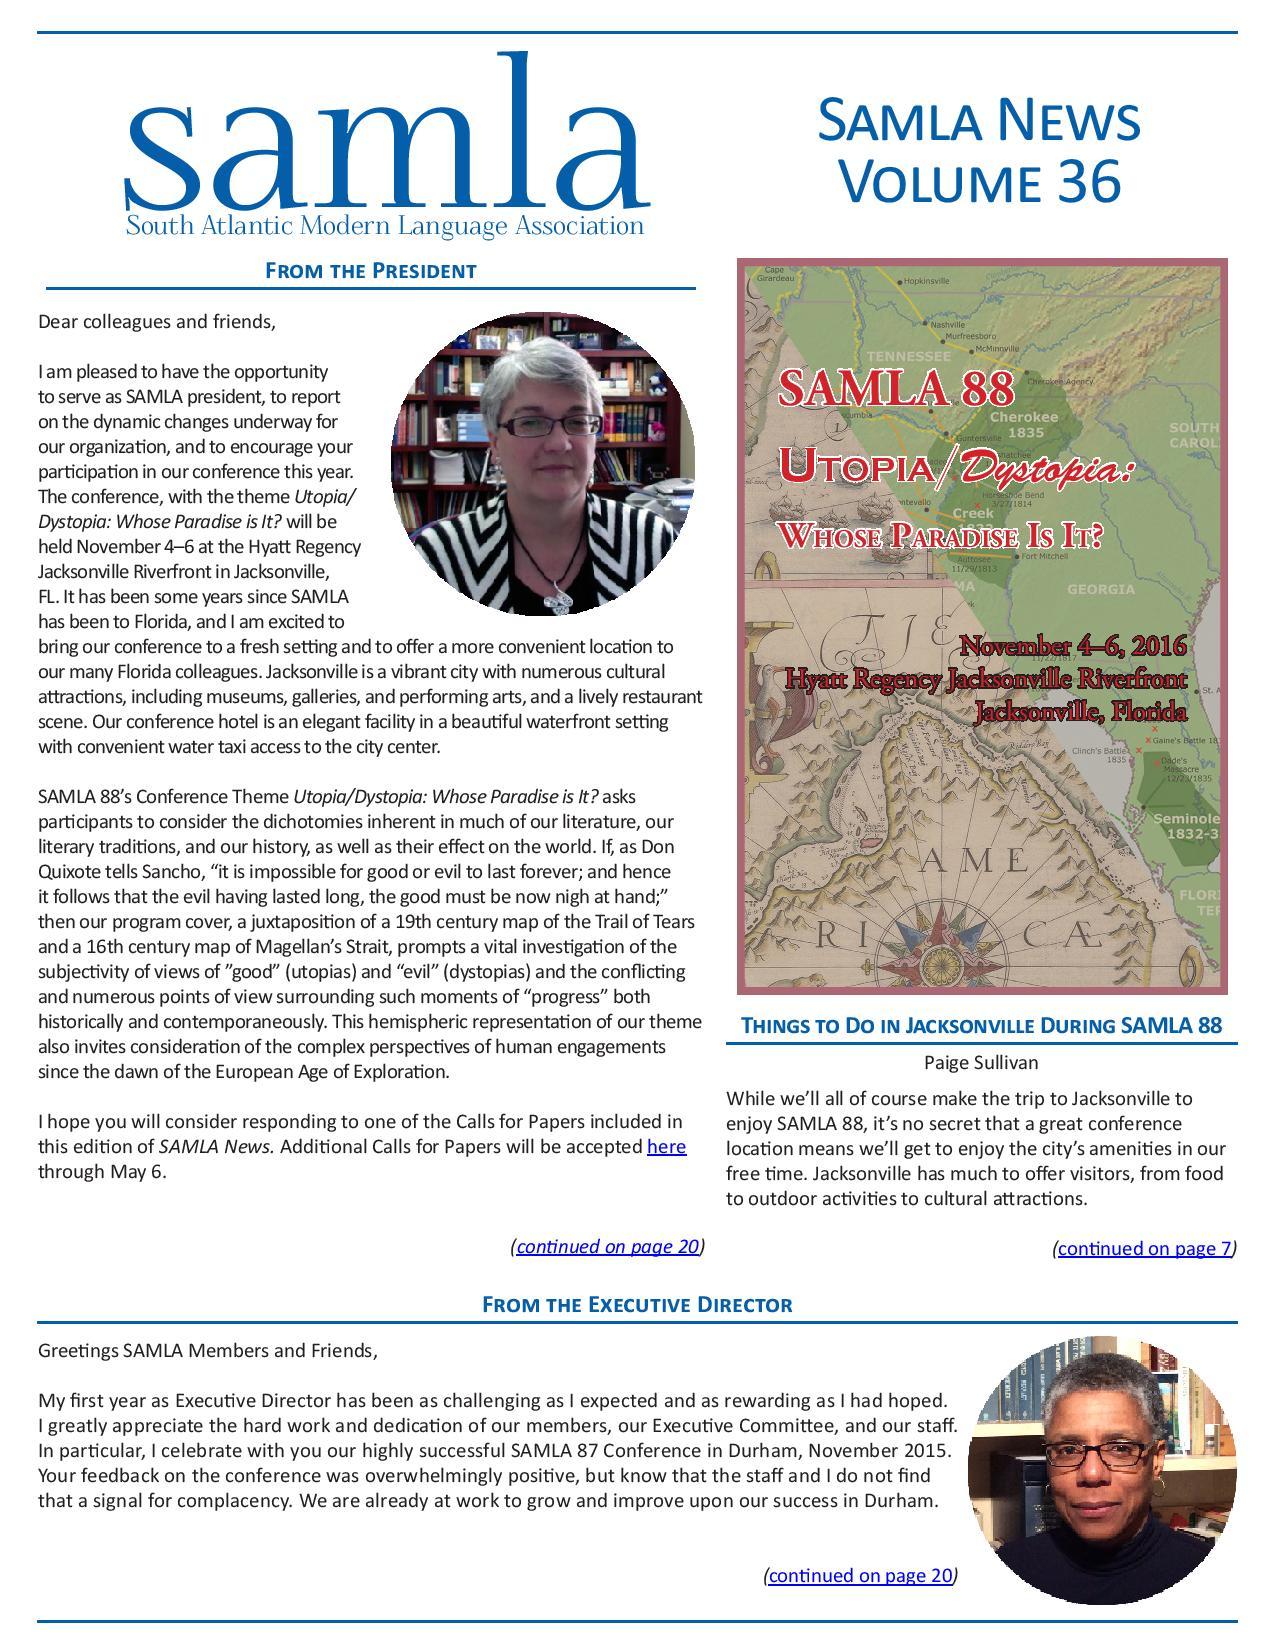 cover of SAMLA News 36